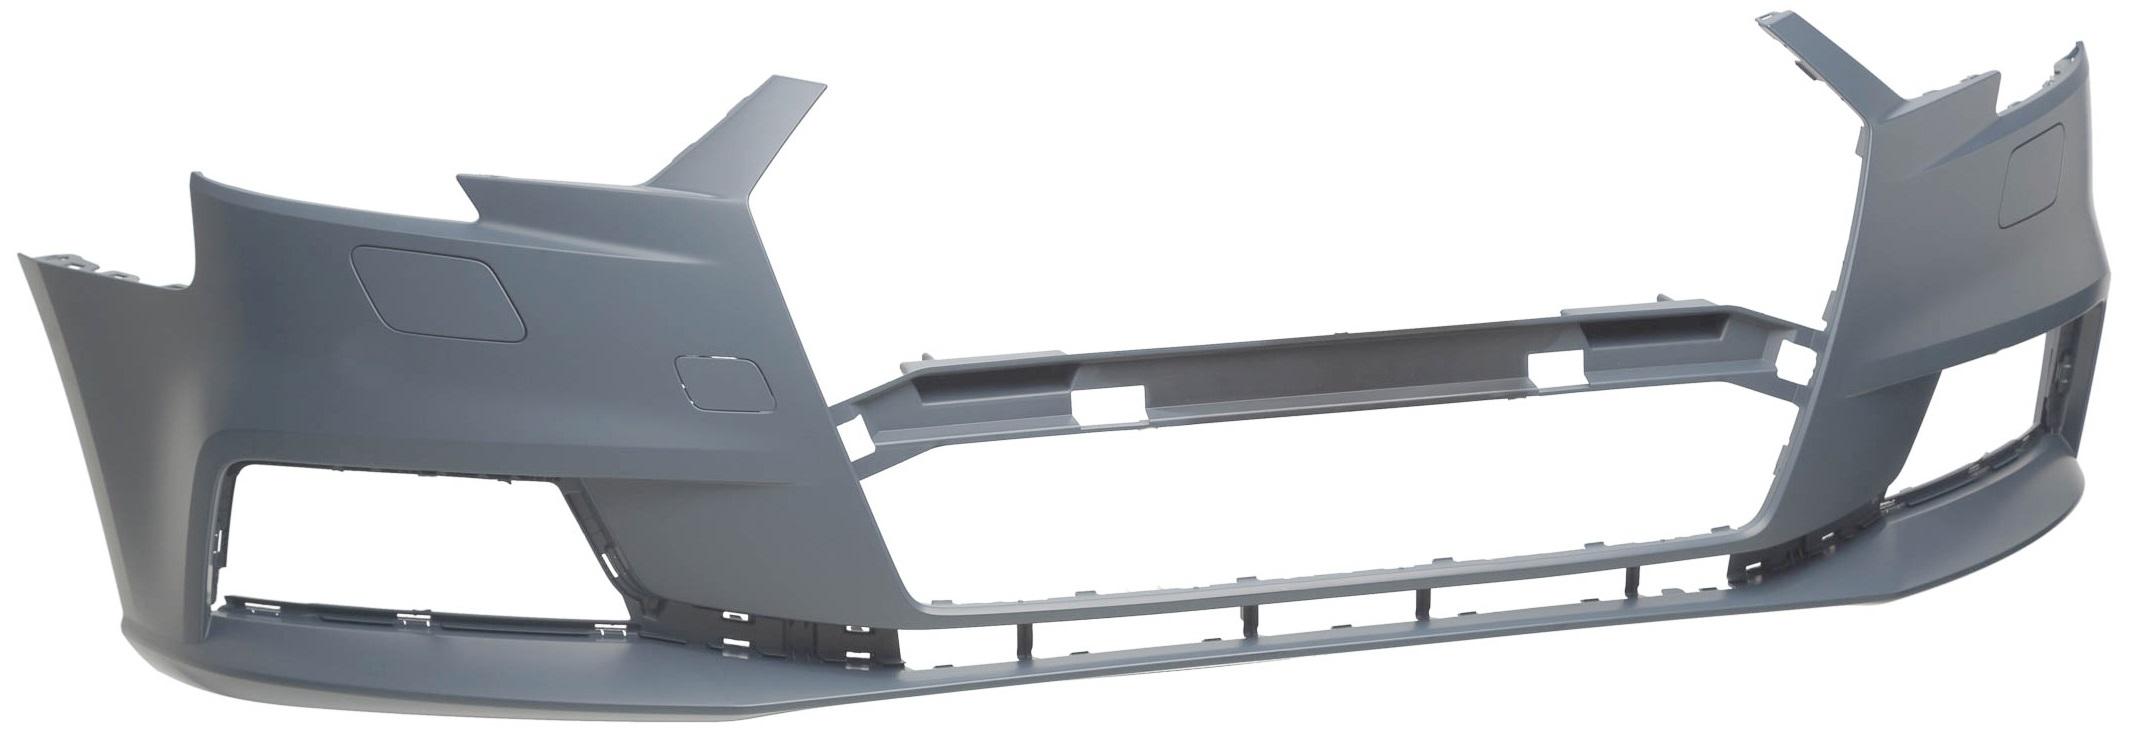 AUDI A3 16-*PARAGOLPES DELANTERO PARA PINTAR